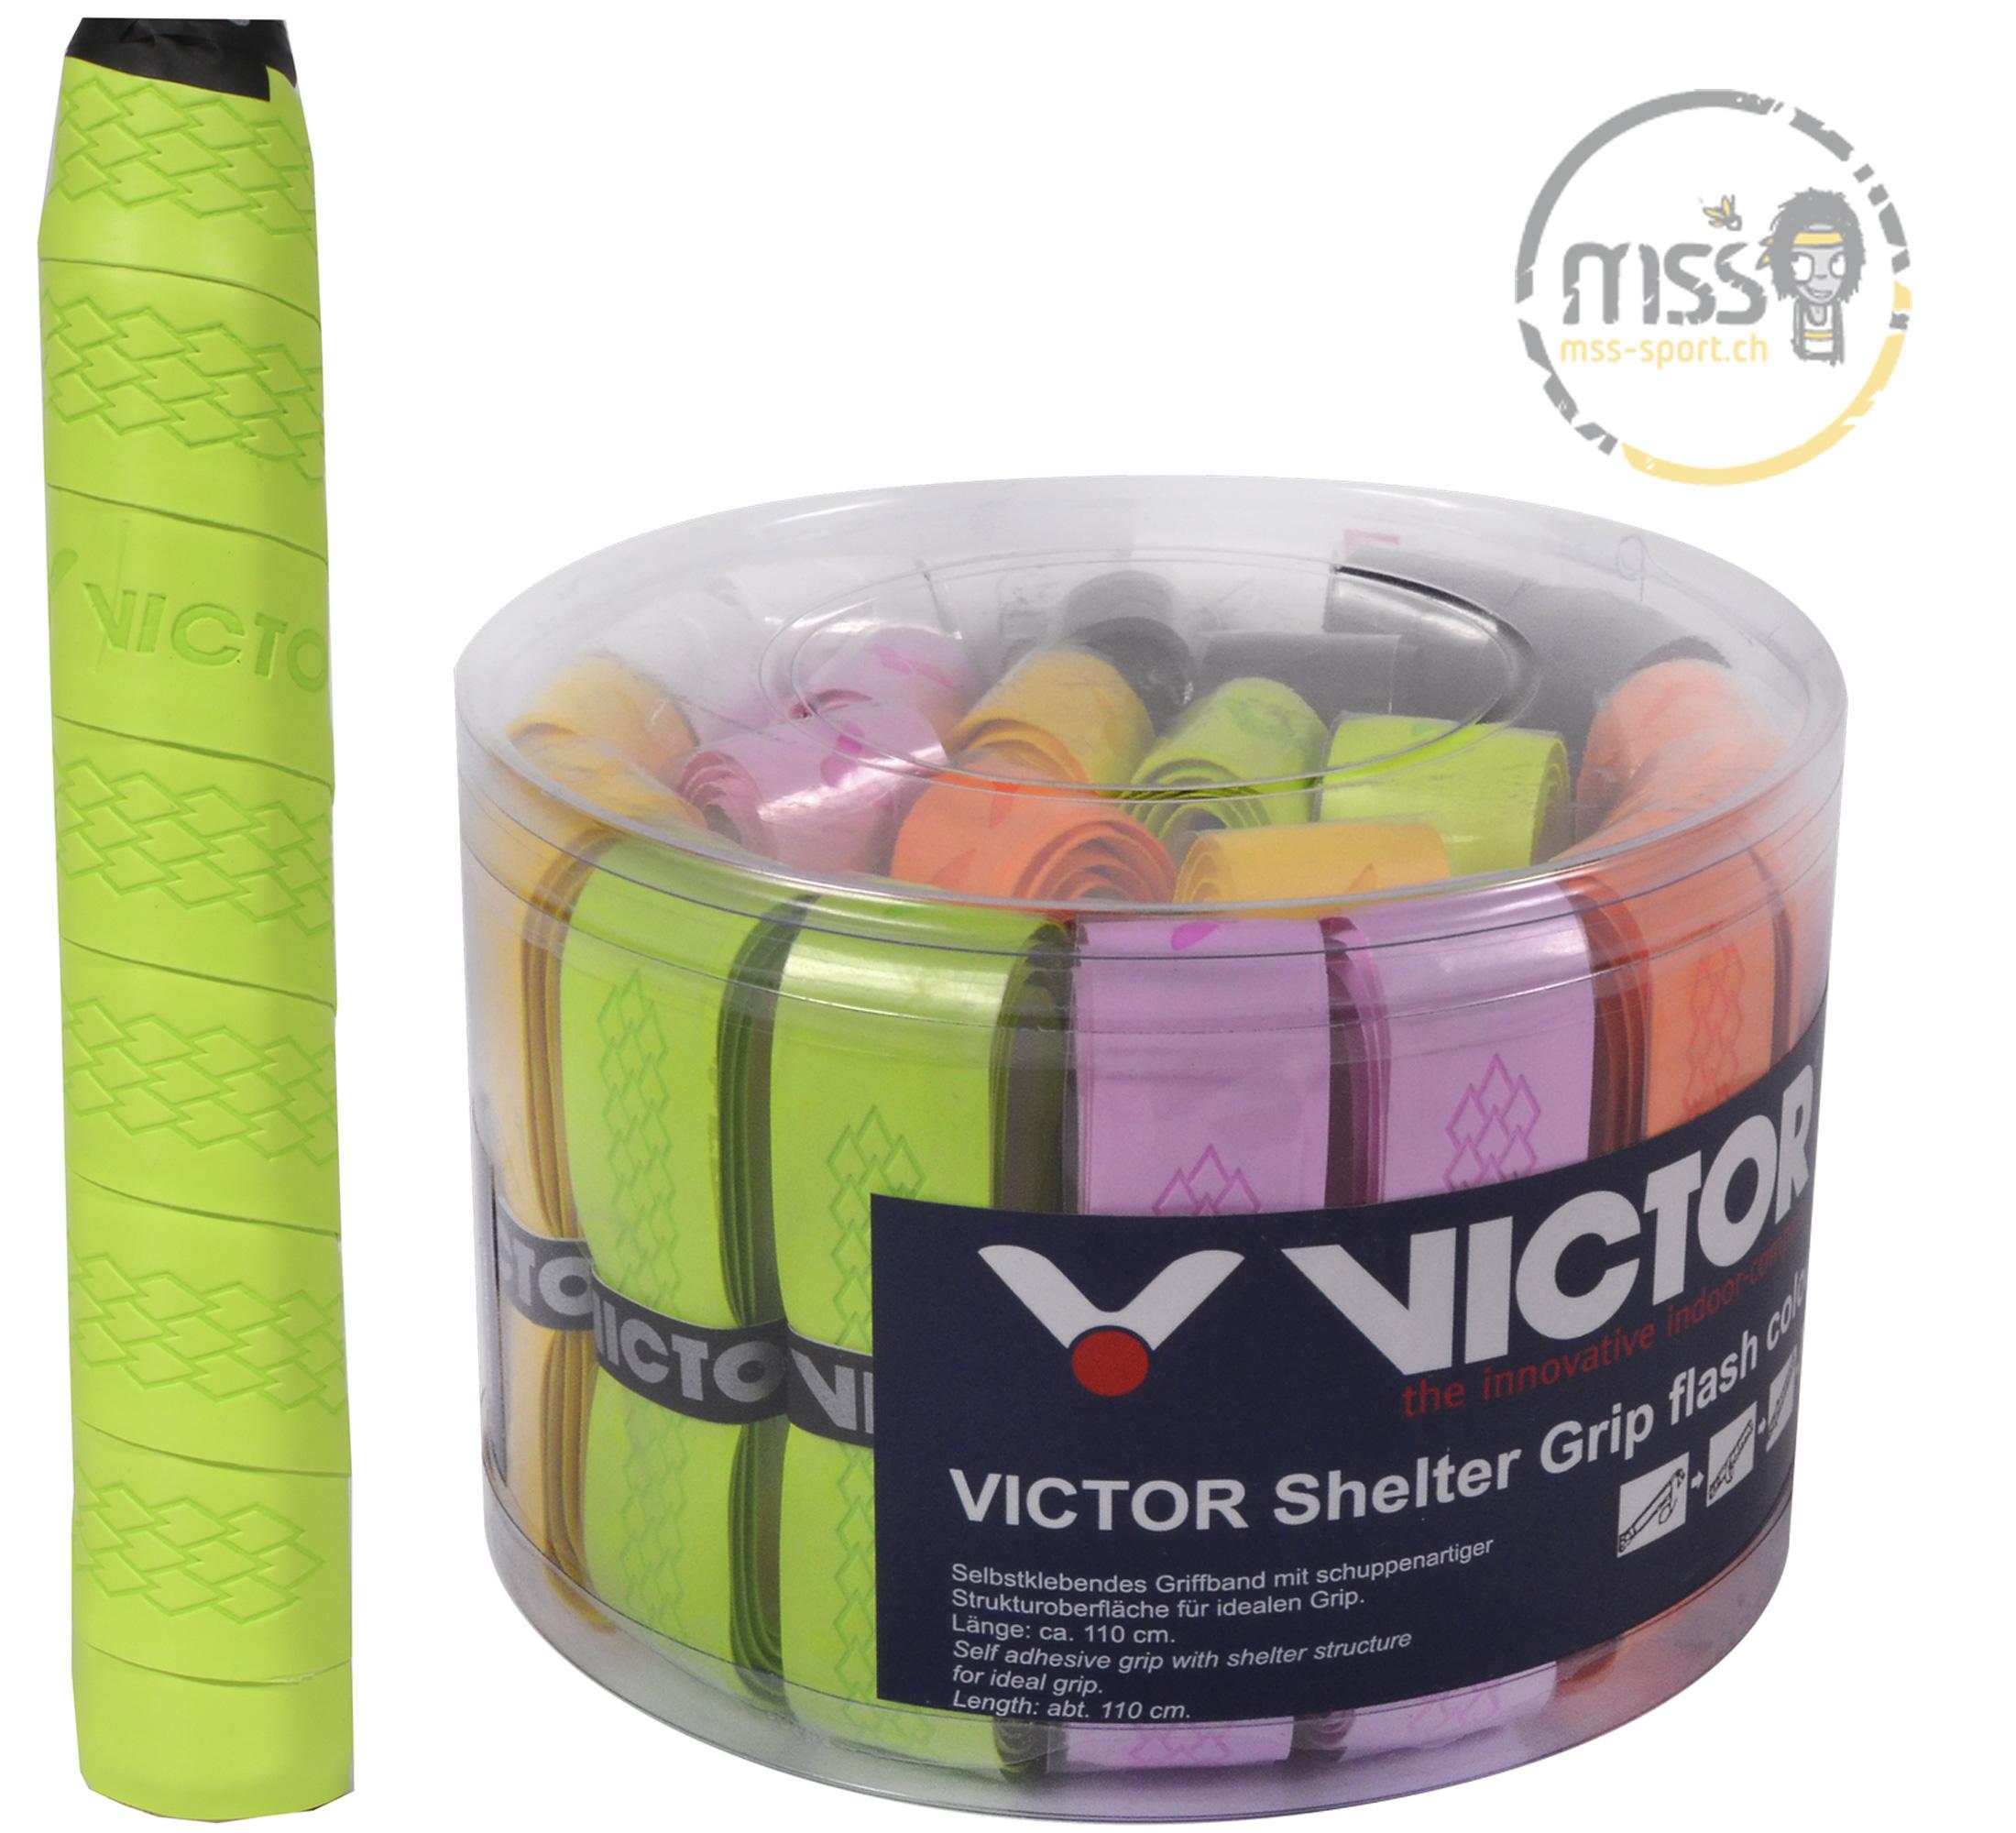 Victor Shelter Grip Box assortiert